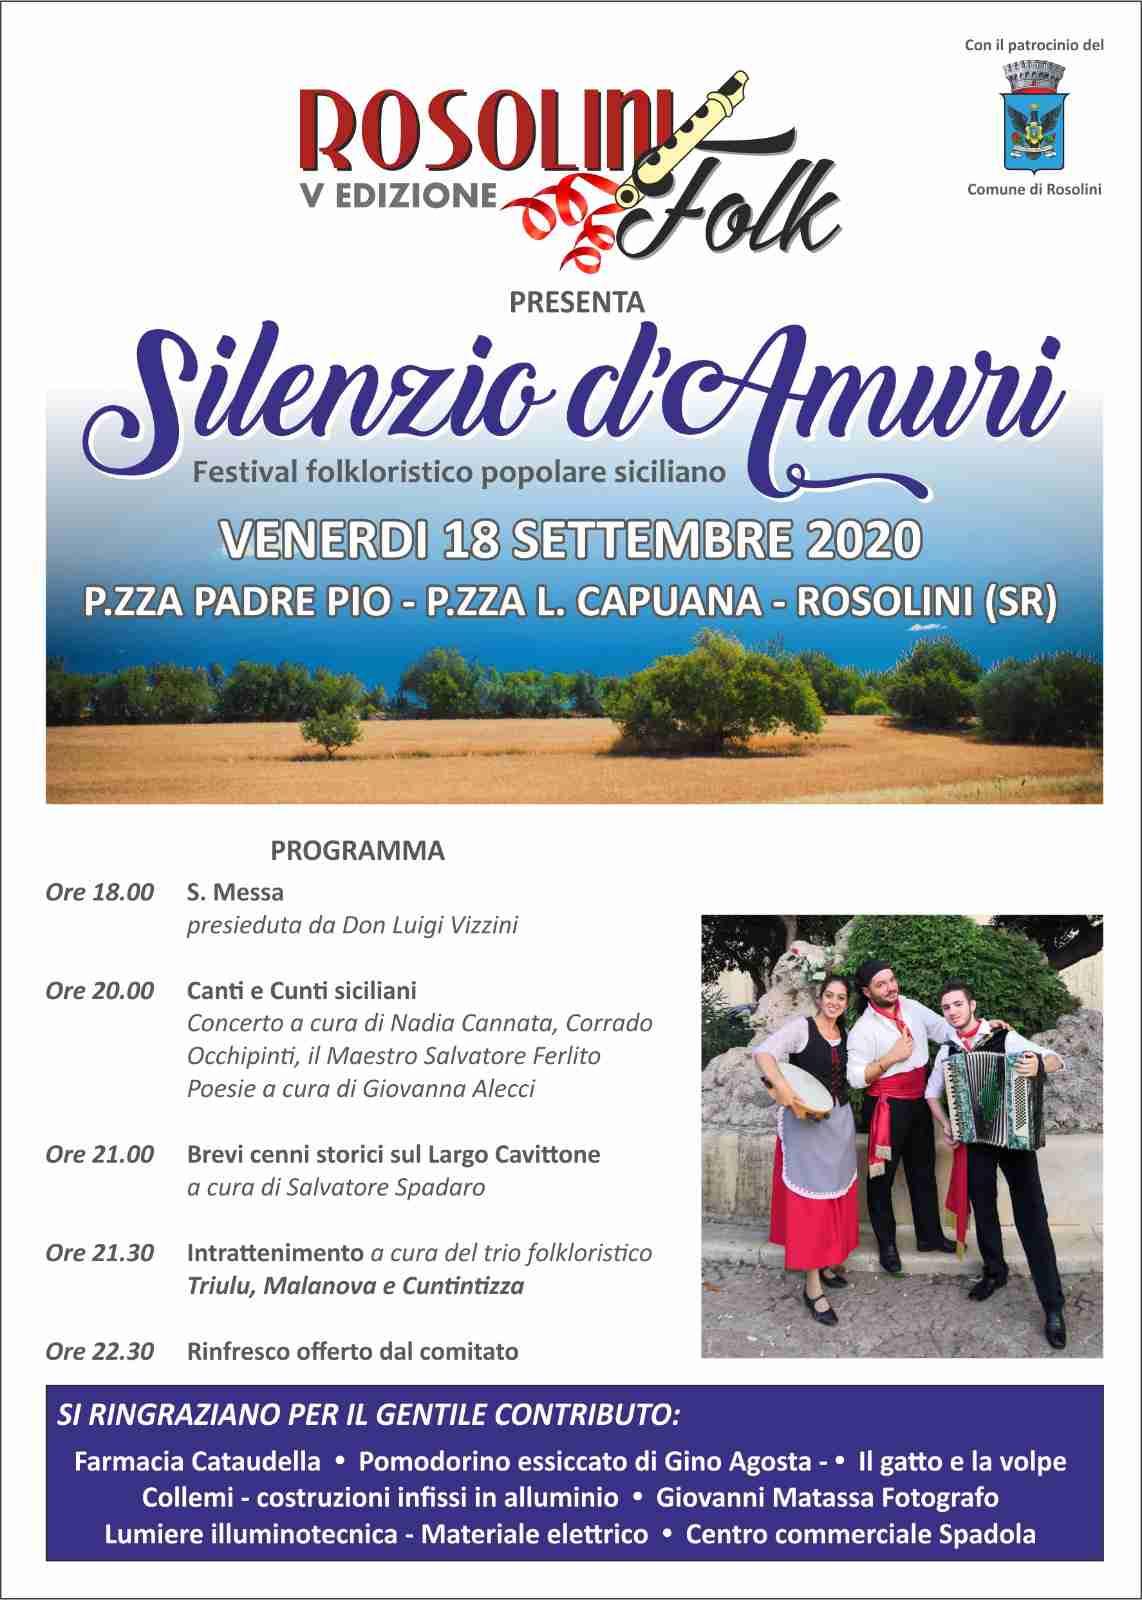 Venerdì 18 settembre V Edizione del Festival folkloristico popolare